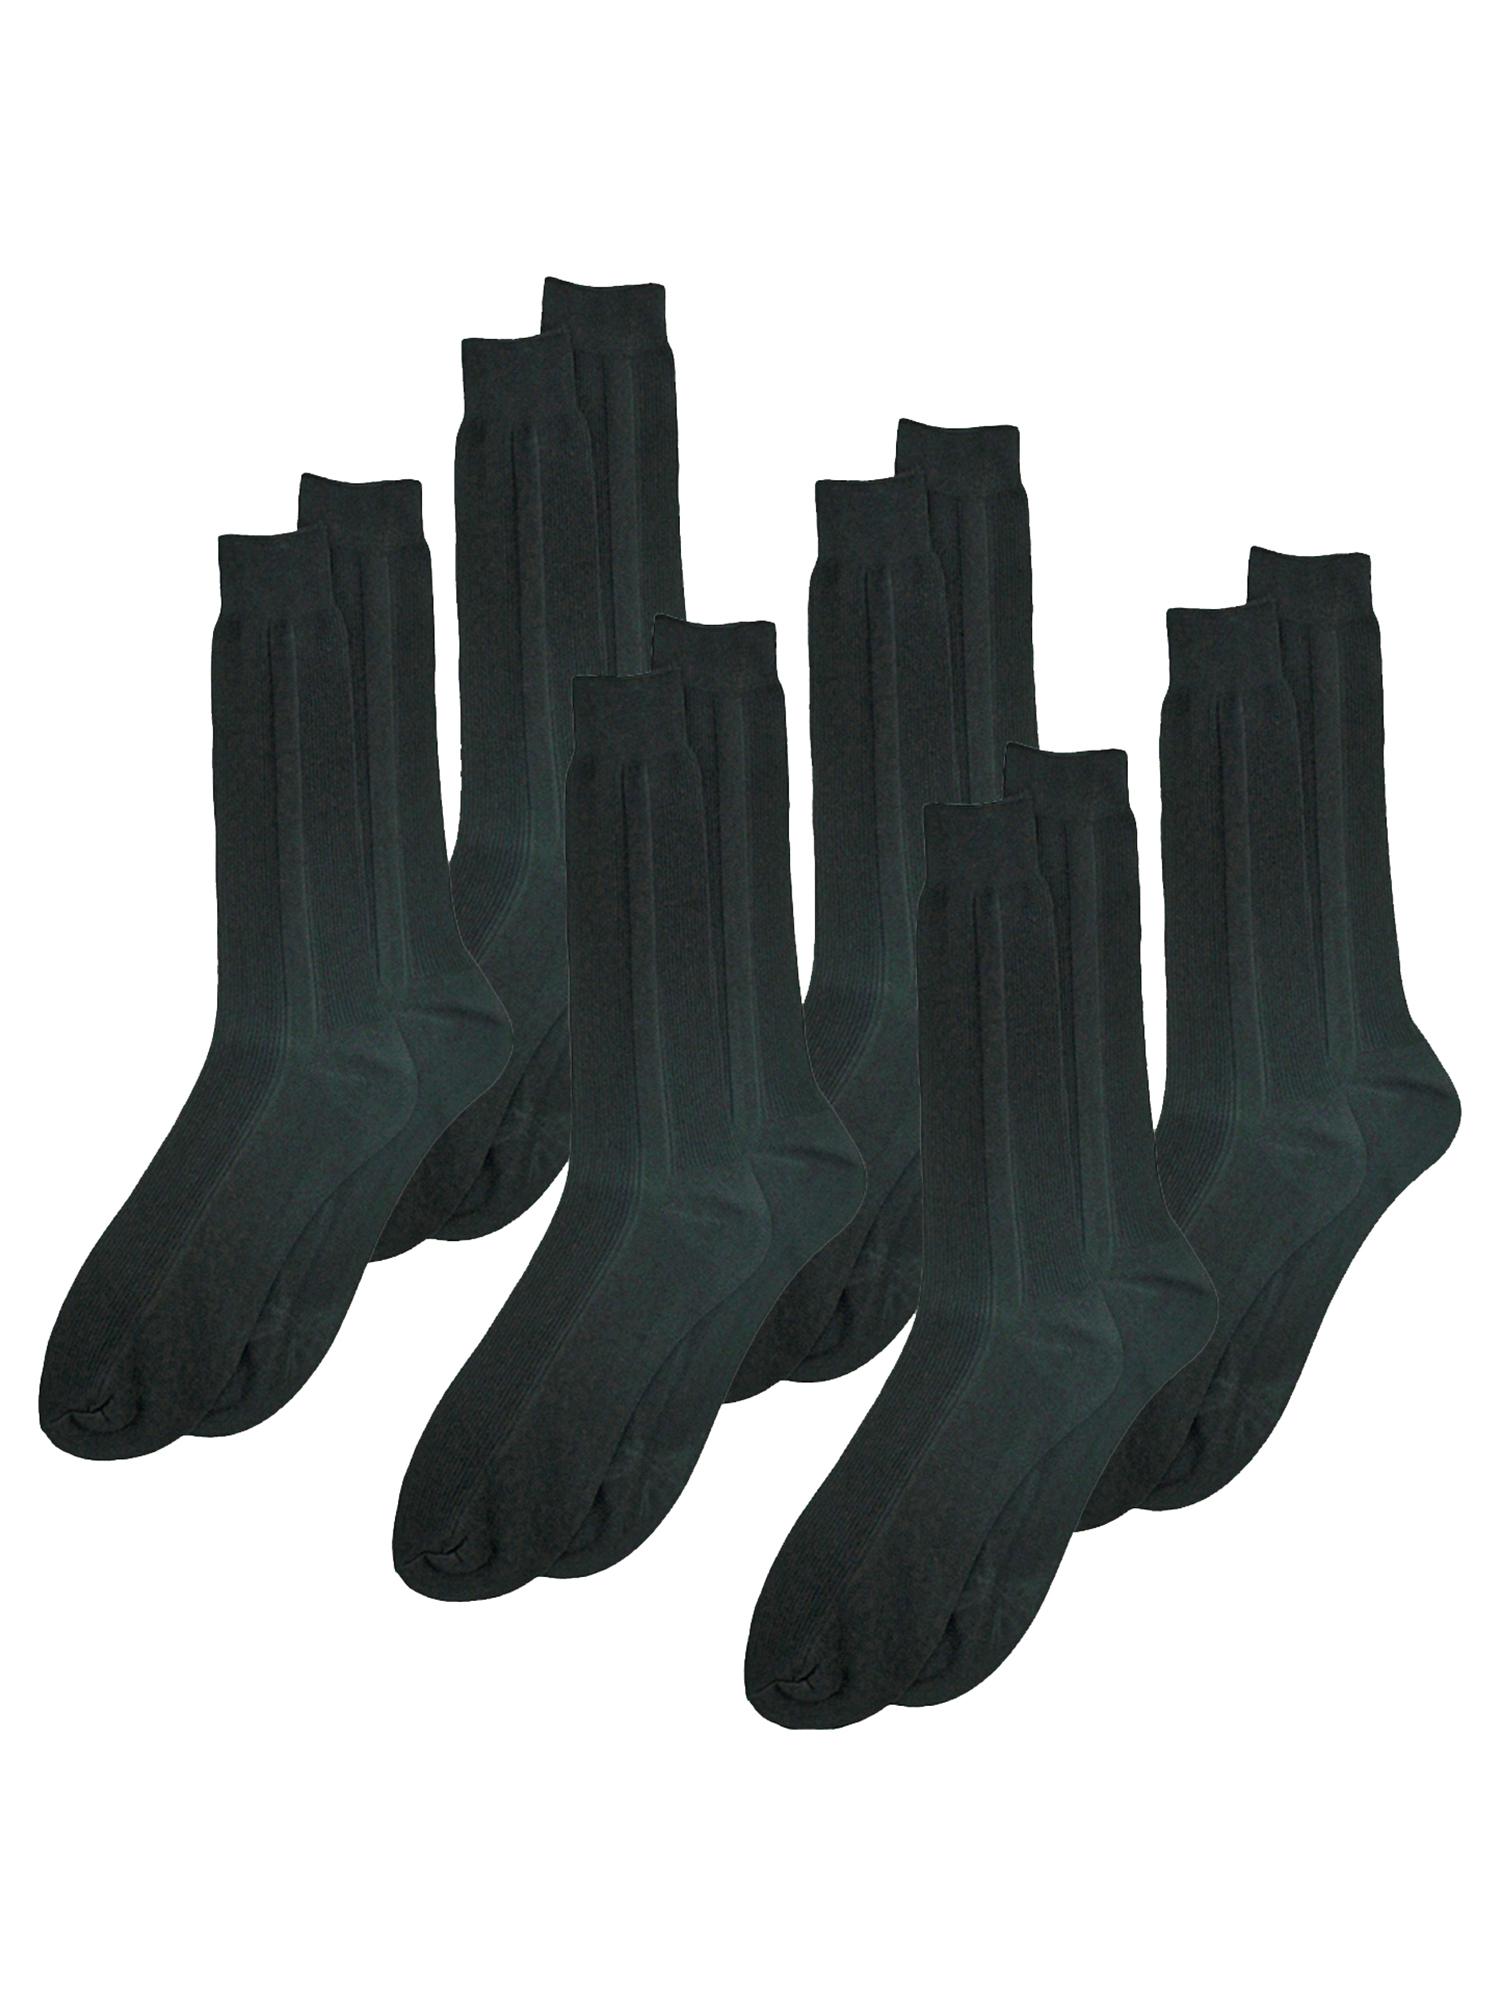 Mens Black Crew Length 6 Pack Dress Socks